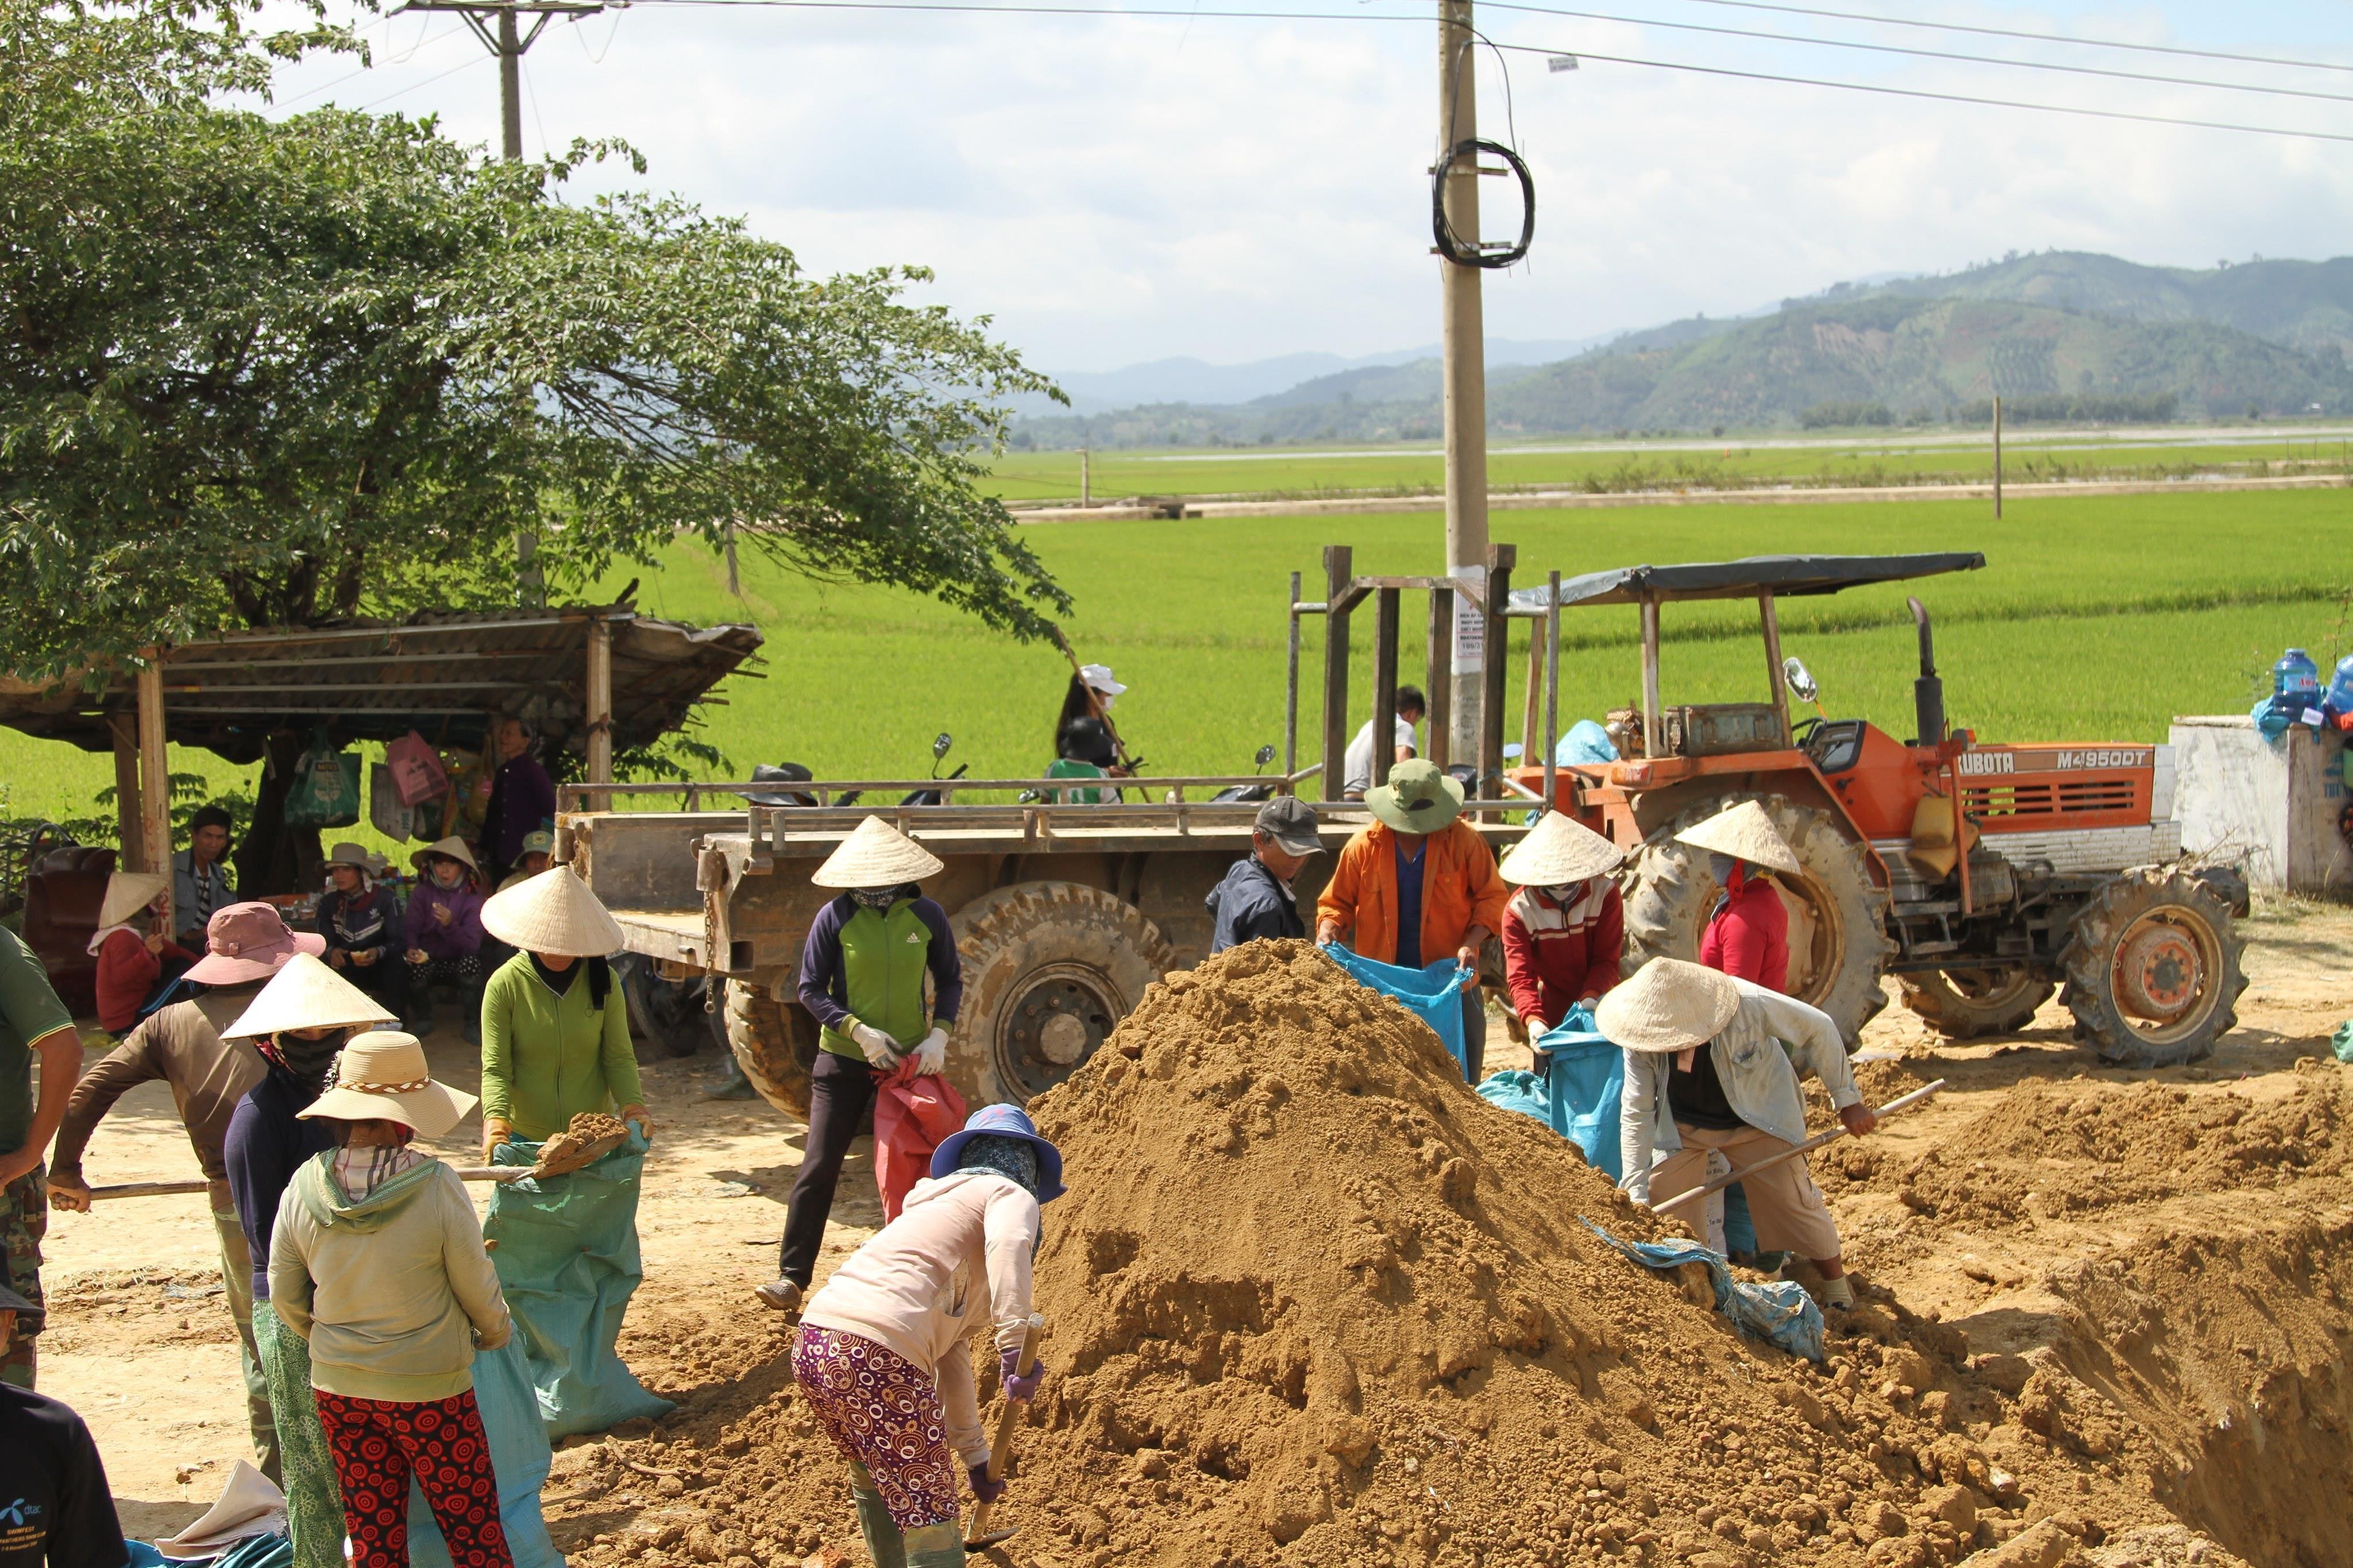 Vỡ đê, hàng trăm người dân trầm mình cứu đồng lúa Ảnh 4